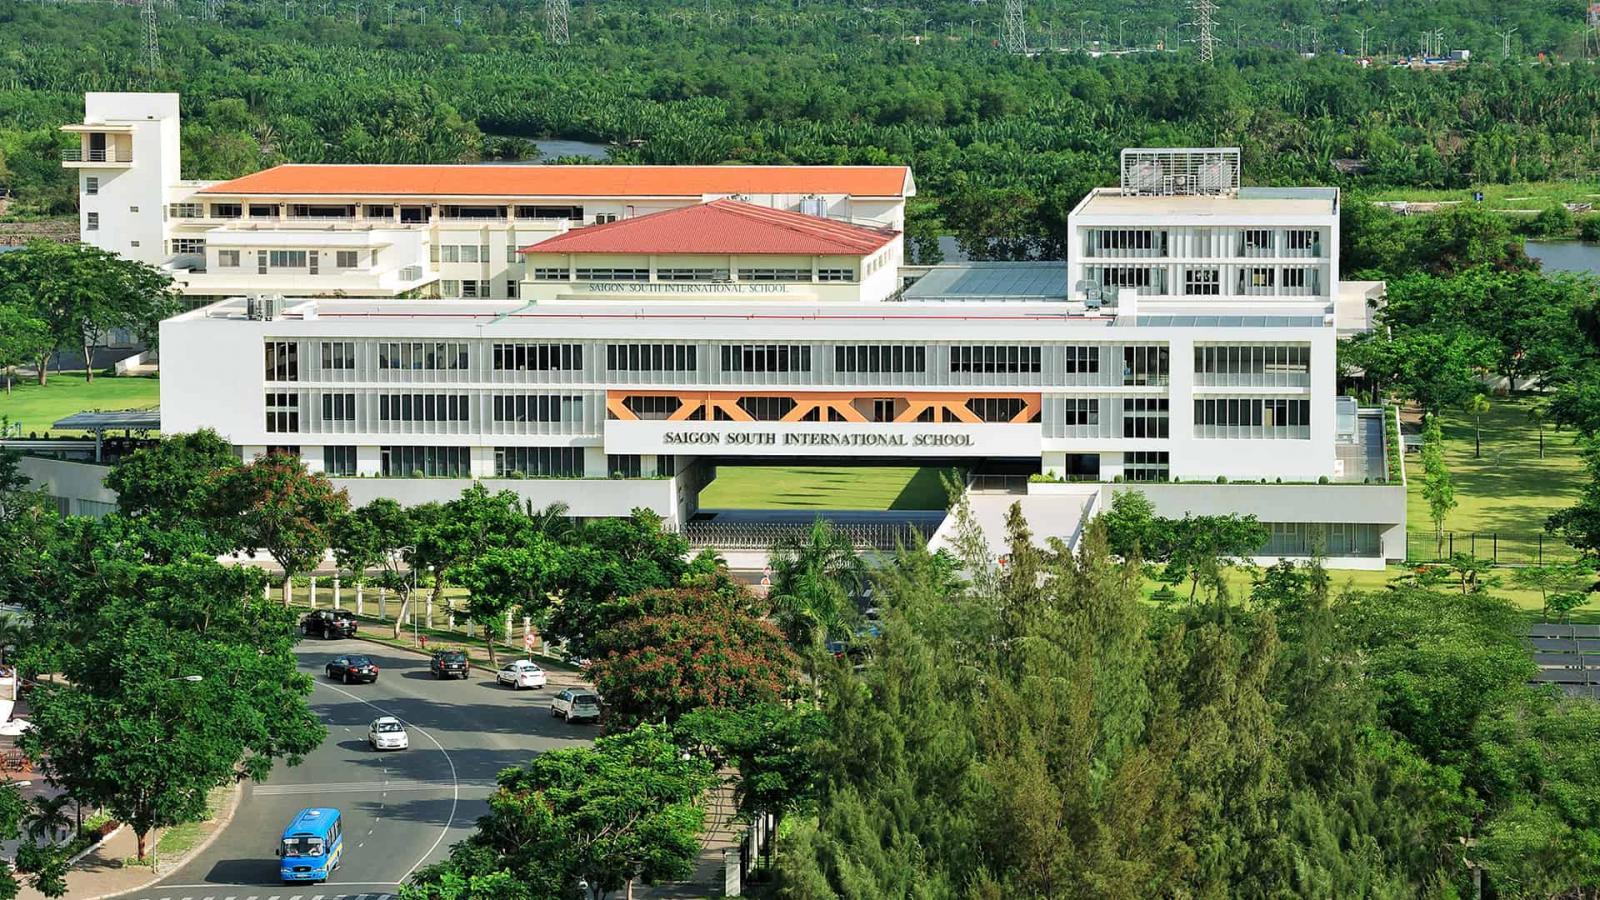 Hiện nay đô thị Phú Mỹ Hưng là nơi tập trung khá nhiều trường học danh tiếng của TP.HCM như trường Đinh Thiện Lý (Lawrence S. Ting), Quốc tế Nam Sài Gòn (SSIS)…